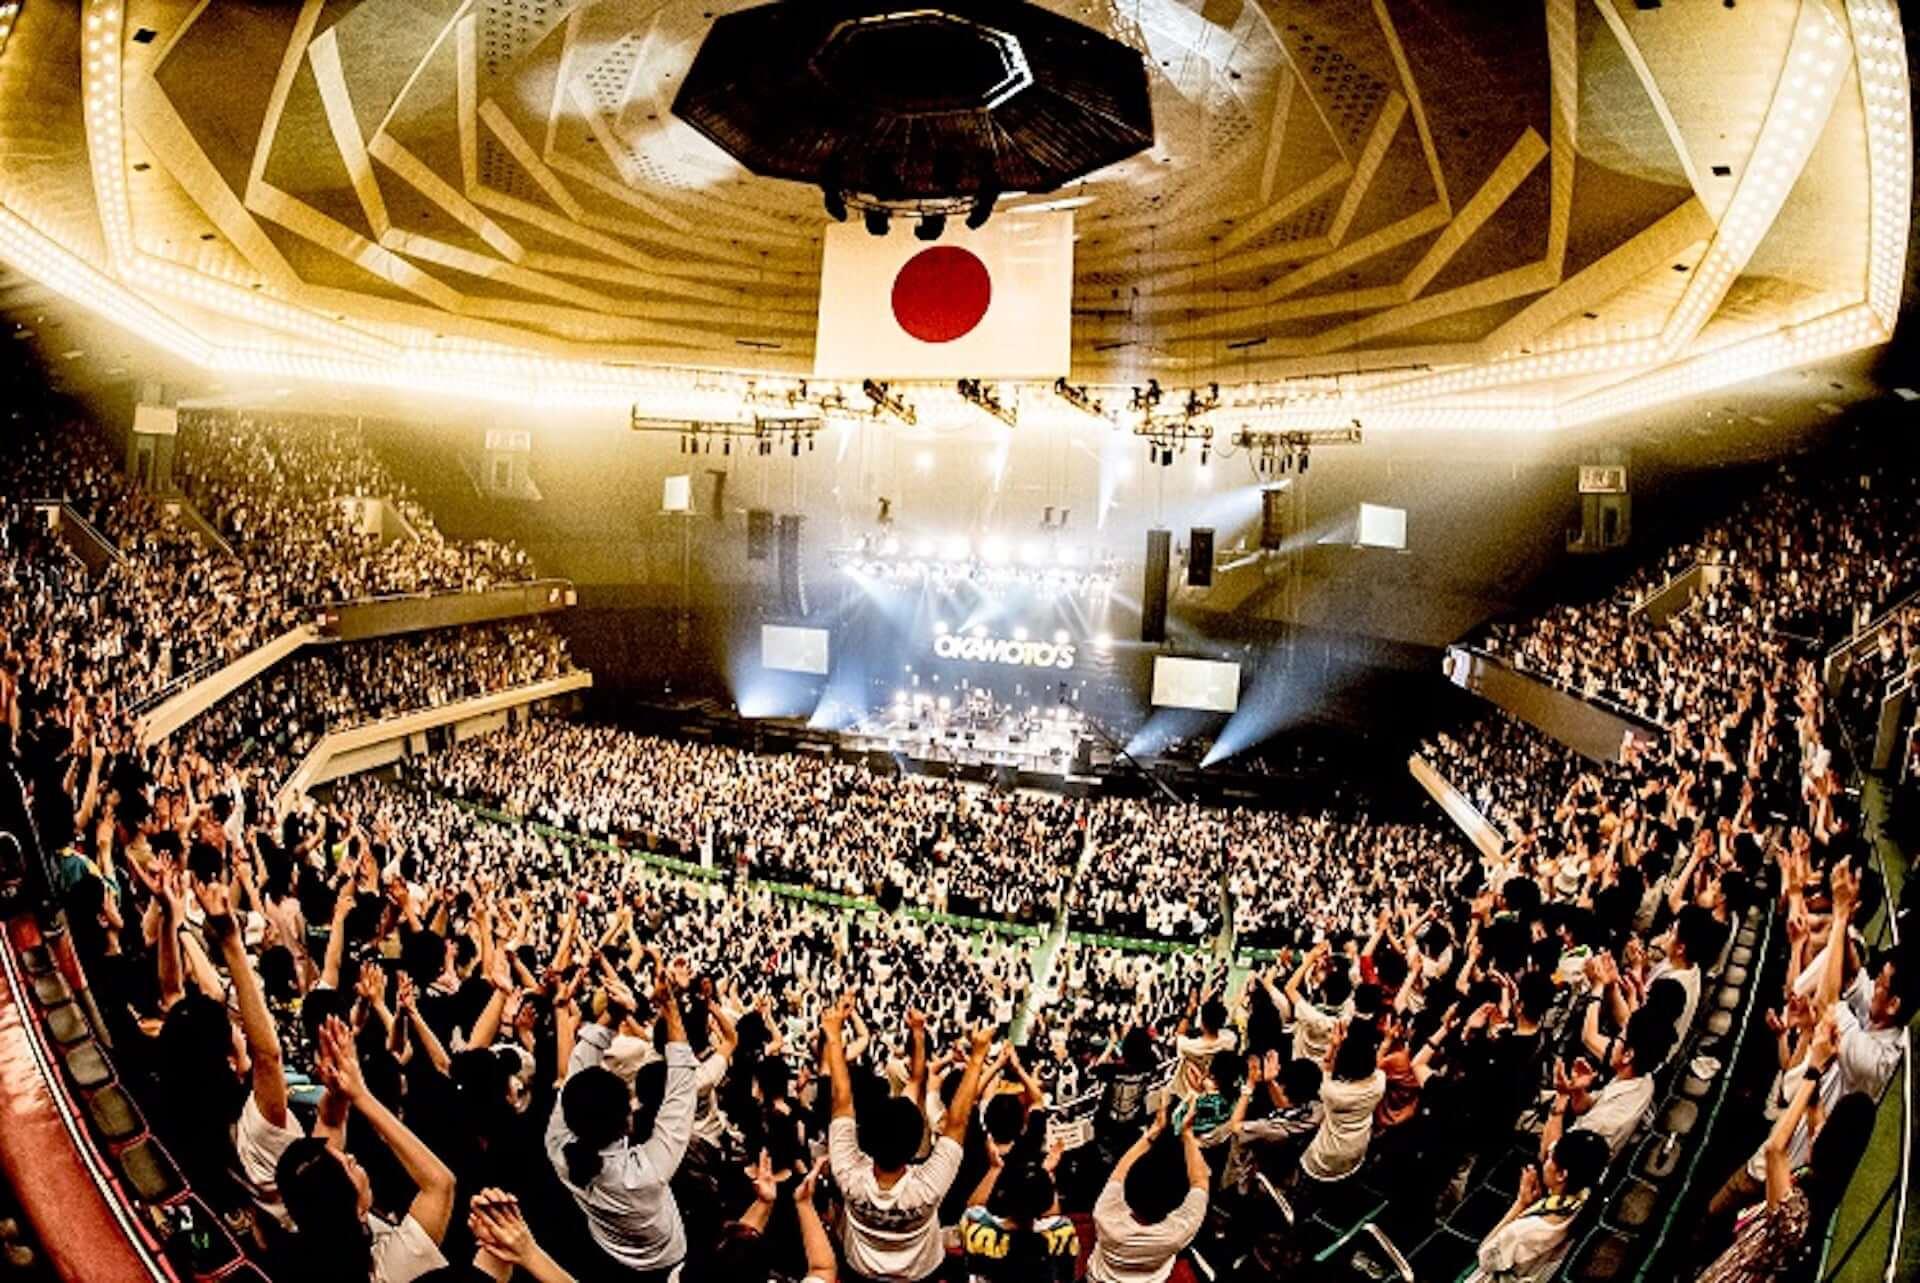 デビュー10周年を迎えたOKAMOTO'S、初の武道館ワンマン公演を超満員の観客が祝福! music190628_okamotos_3-1920x1283